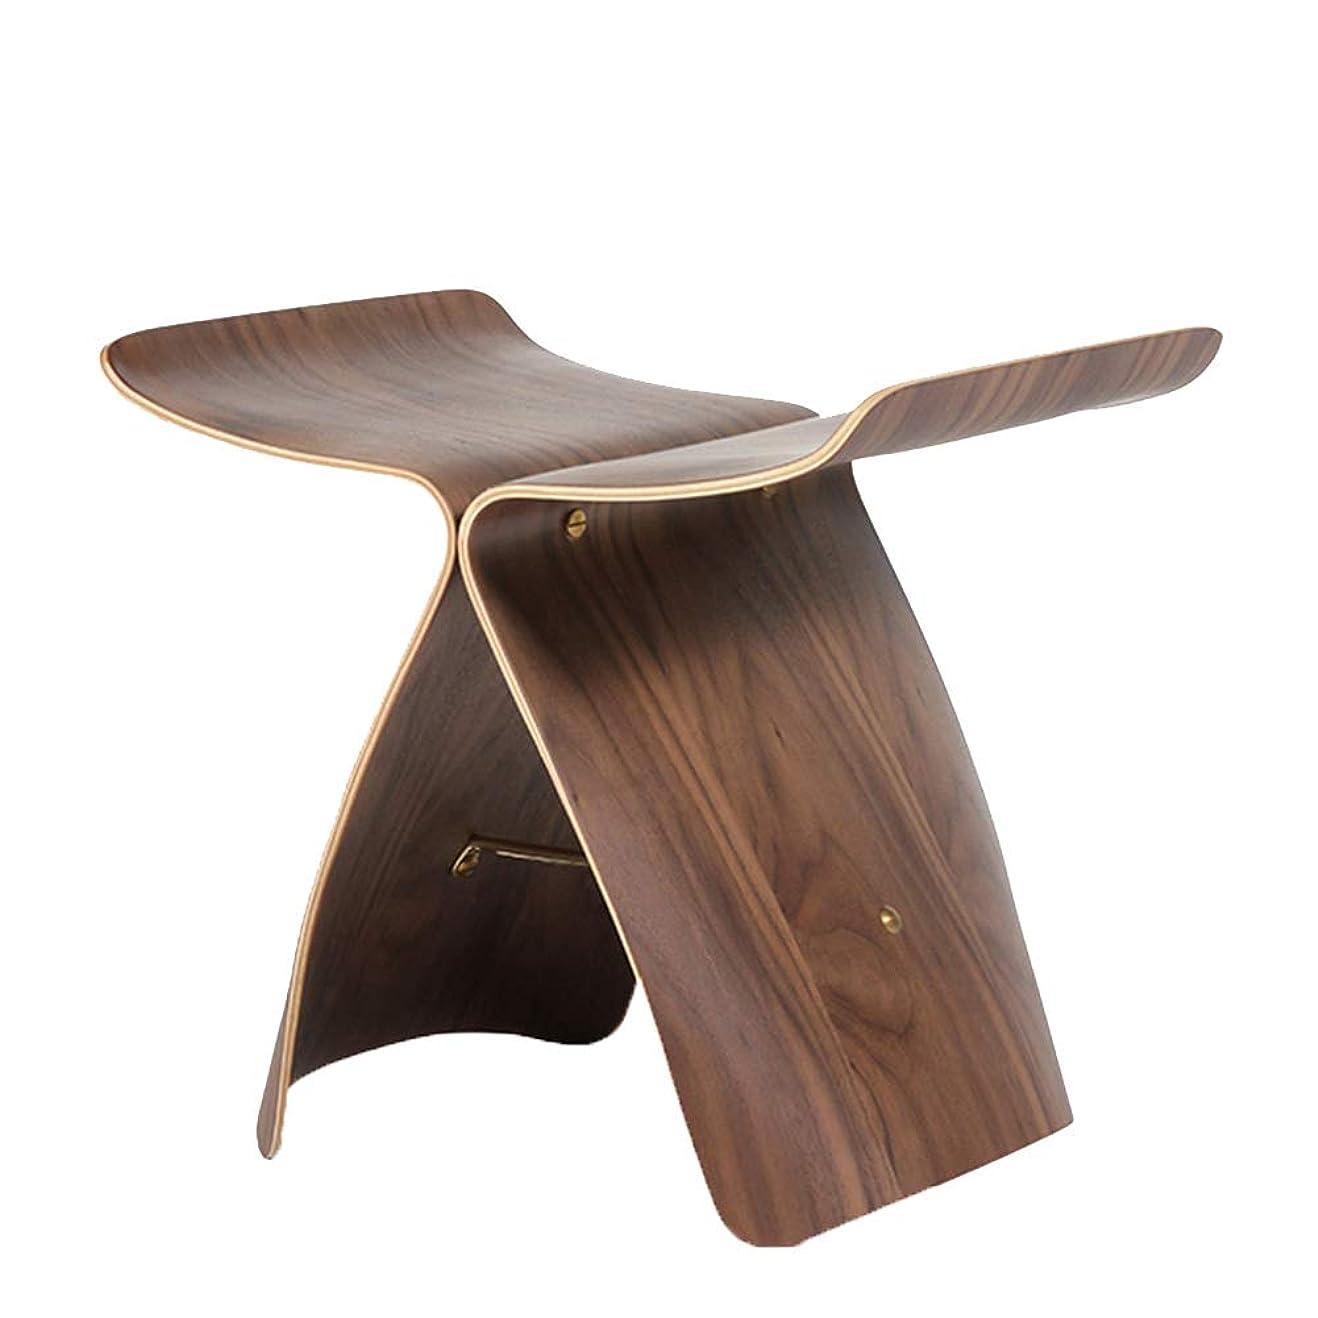 食品講堂肘JIANFEI フットスツールバタフライスツール テーブルスツール ベントウッド 防湿 、4色 44x31x40cm (色 : Brown)